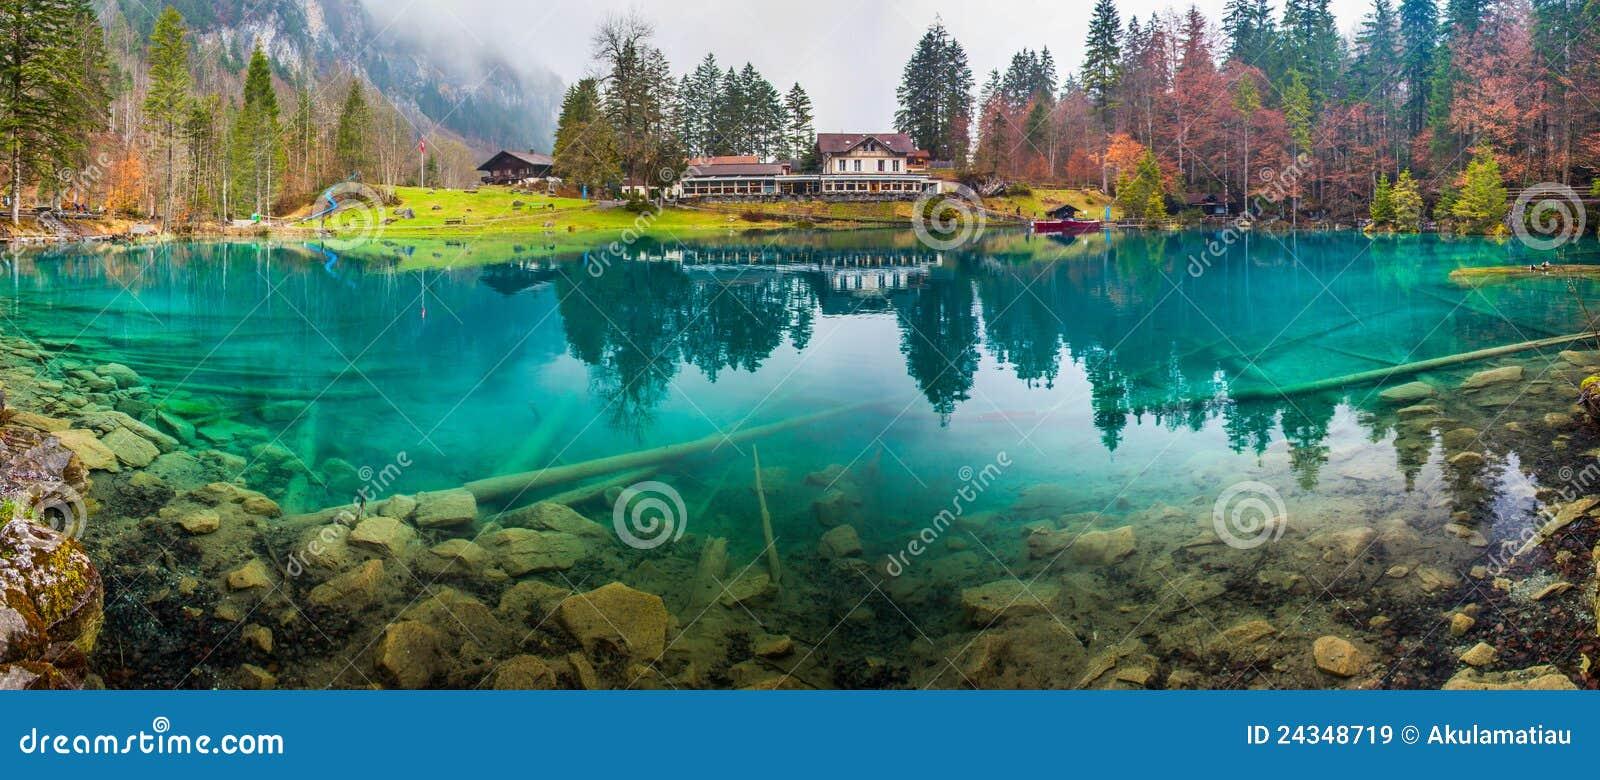 Blausee, Switzerland - Hotel Forellenzucht